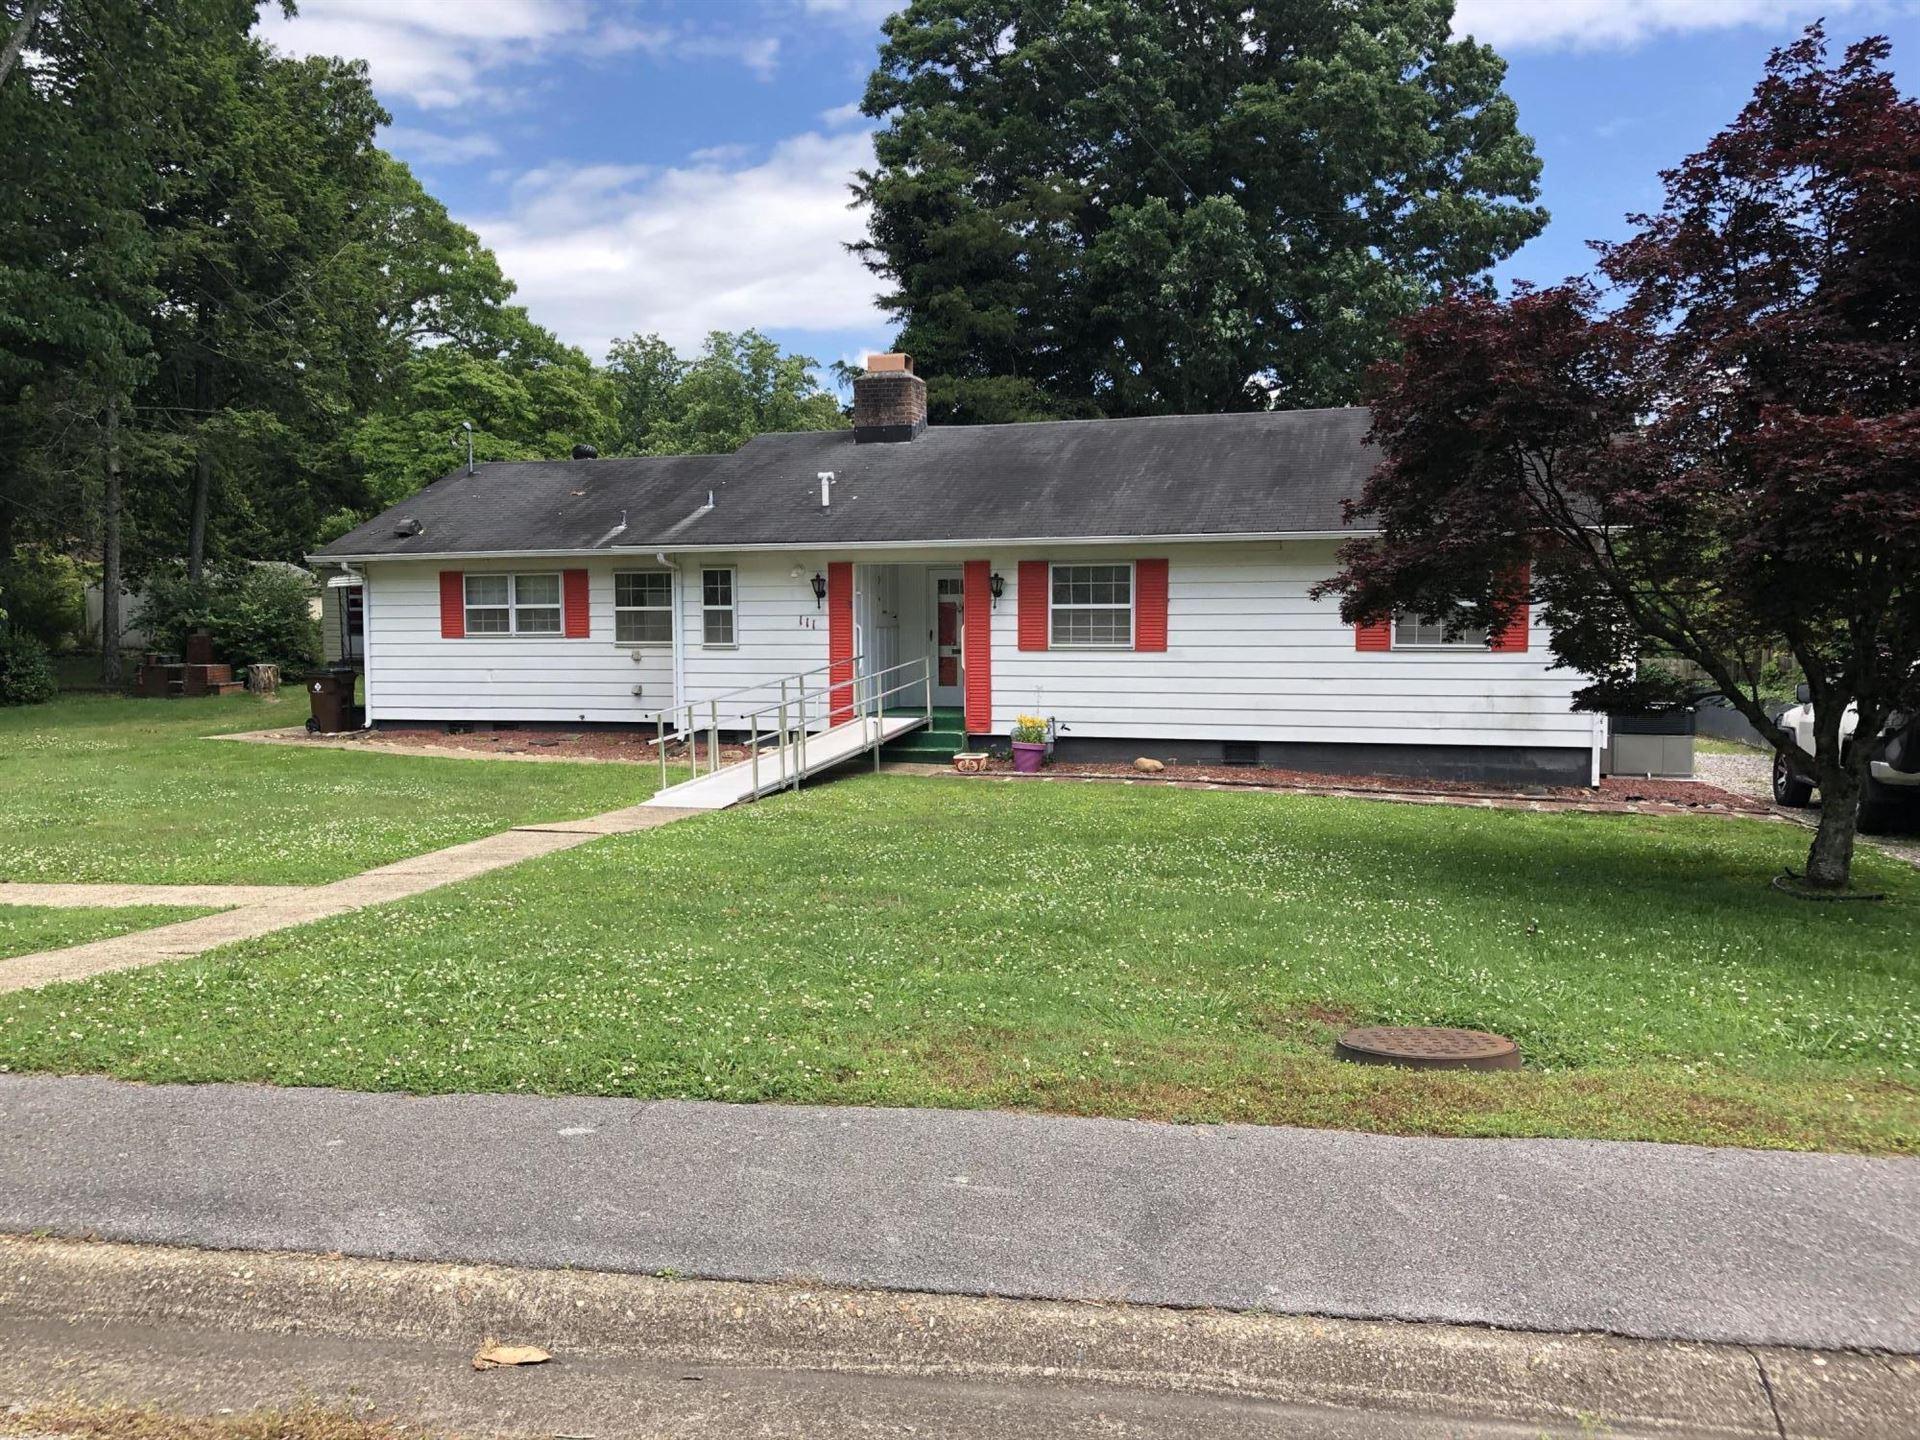 Photo of 111 Olney Lane, Oak Ridge, TN 37830 (MLS # 1131334)